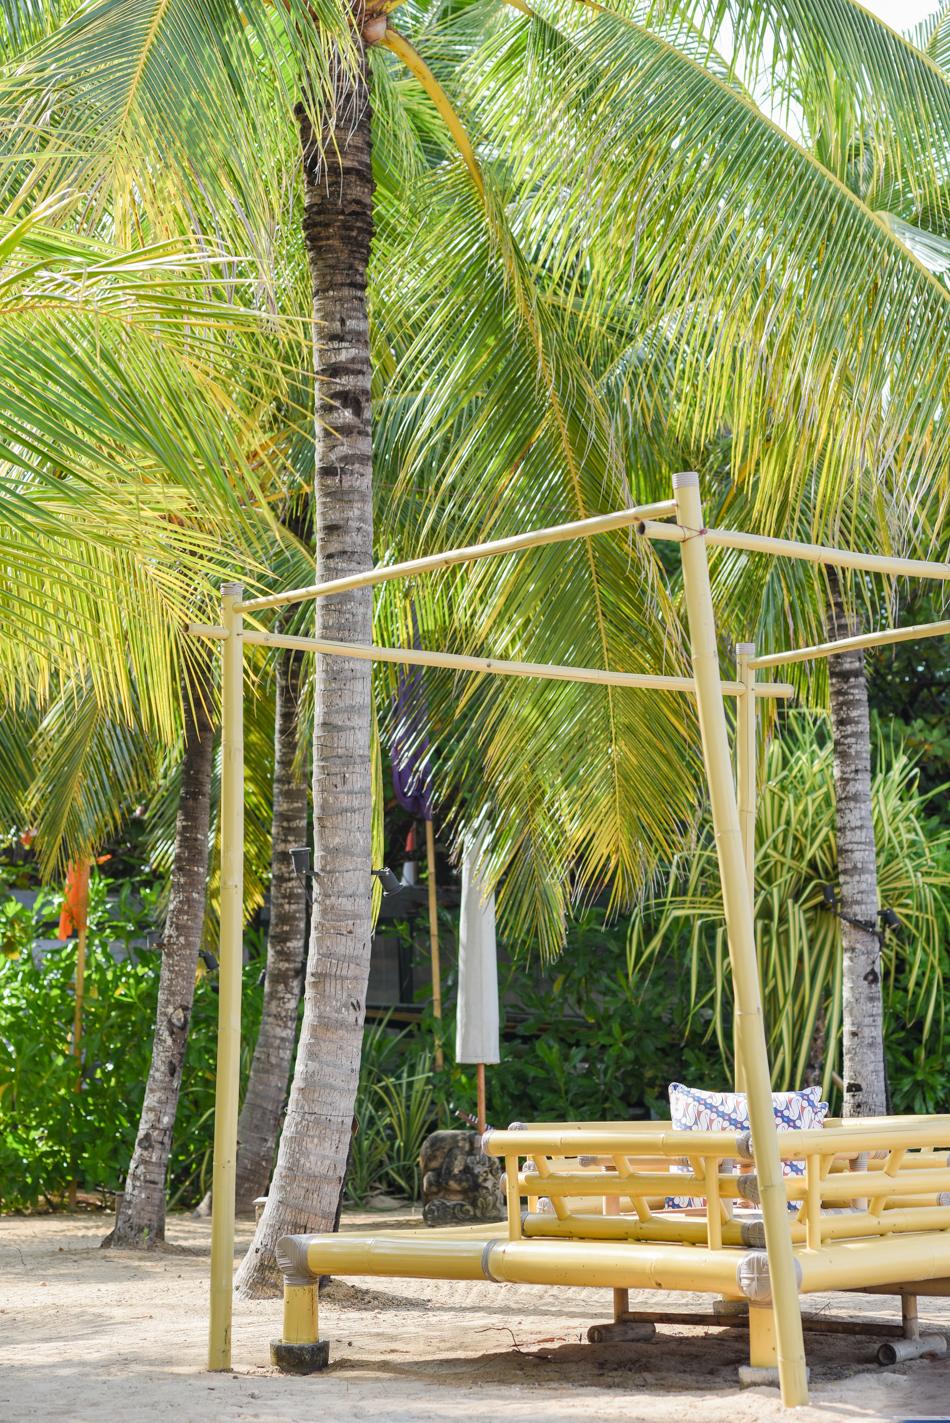 Bali-Honeymoon-Travel-AnaisStoelen-36.jpg